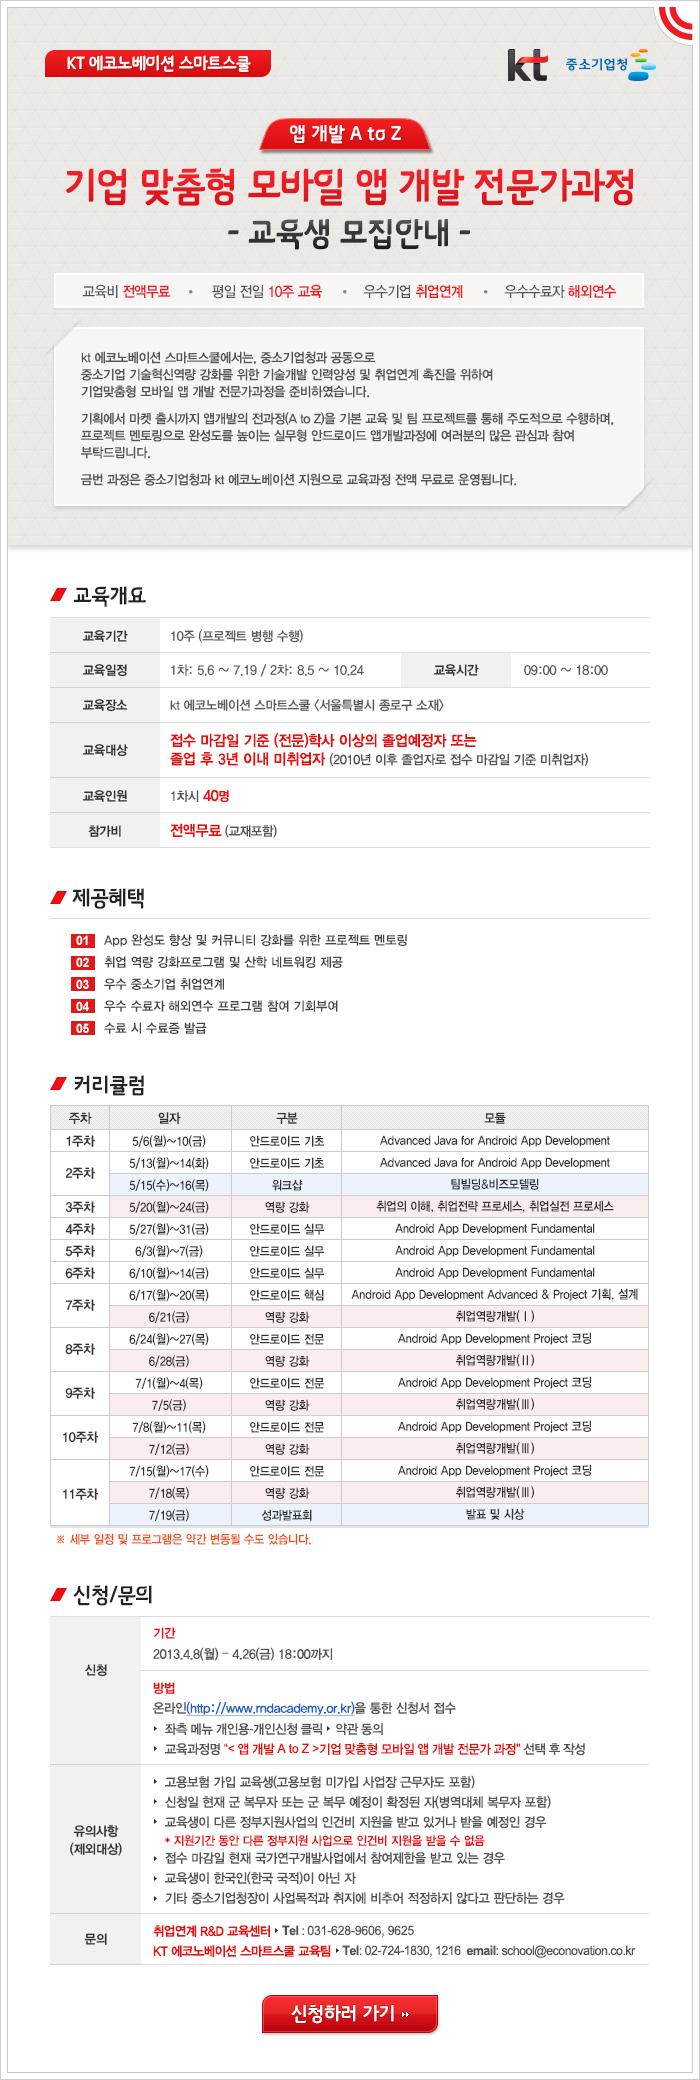 2013.04.09_기업맞춤형_모바일앱개발전문가과정_교육생모집안내_수정.jpg